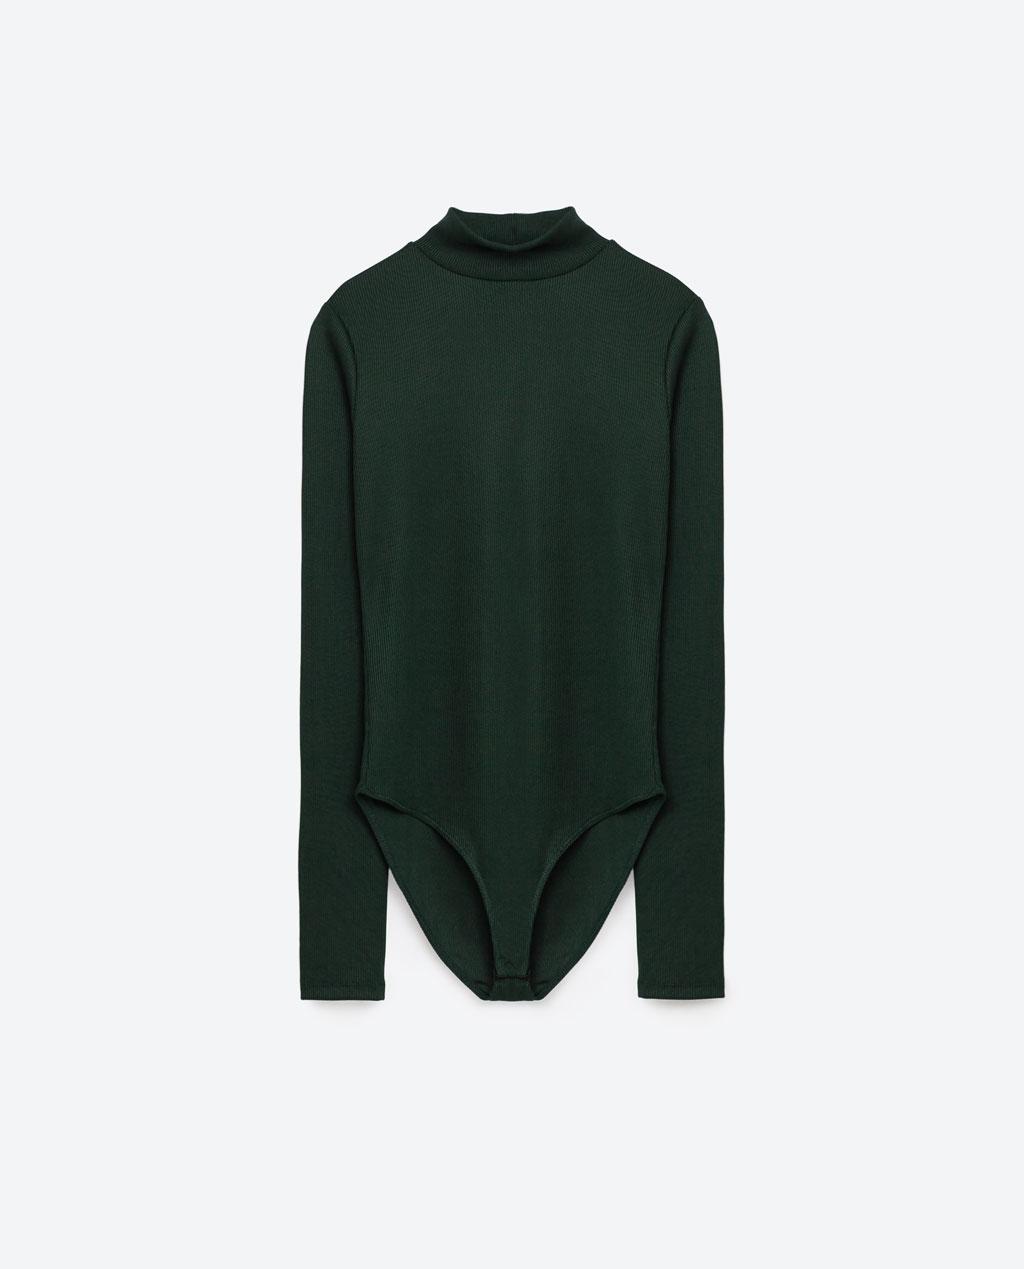 http://www.zara.com/us/en/sale/woman/body/bodysuit-with-long-sleeves-c795035p3931004.html